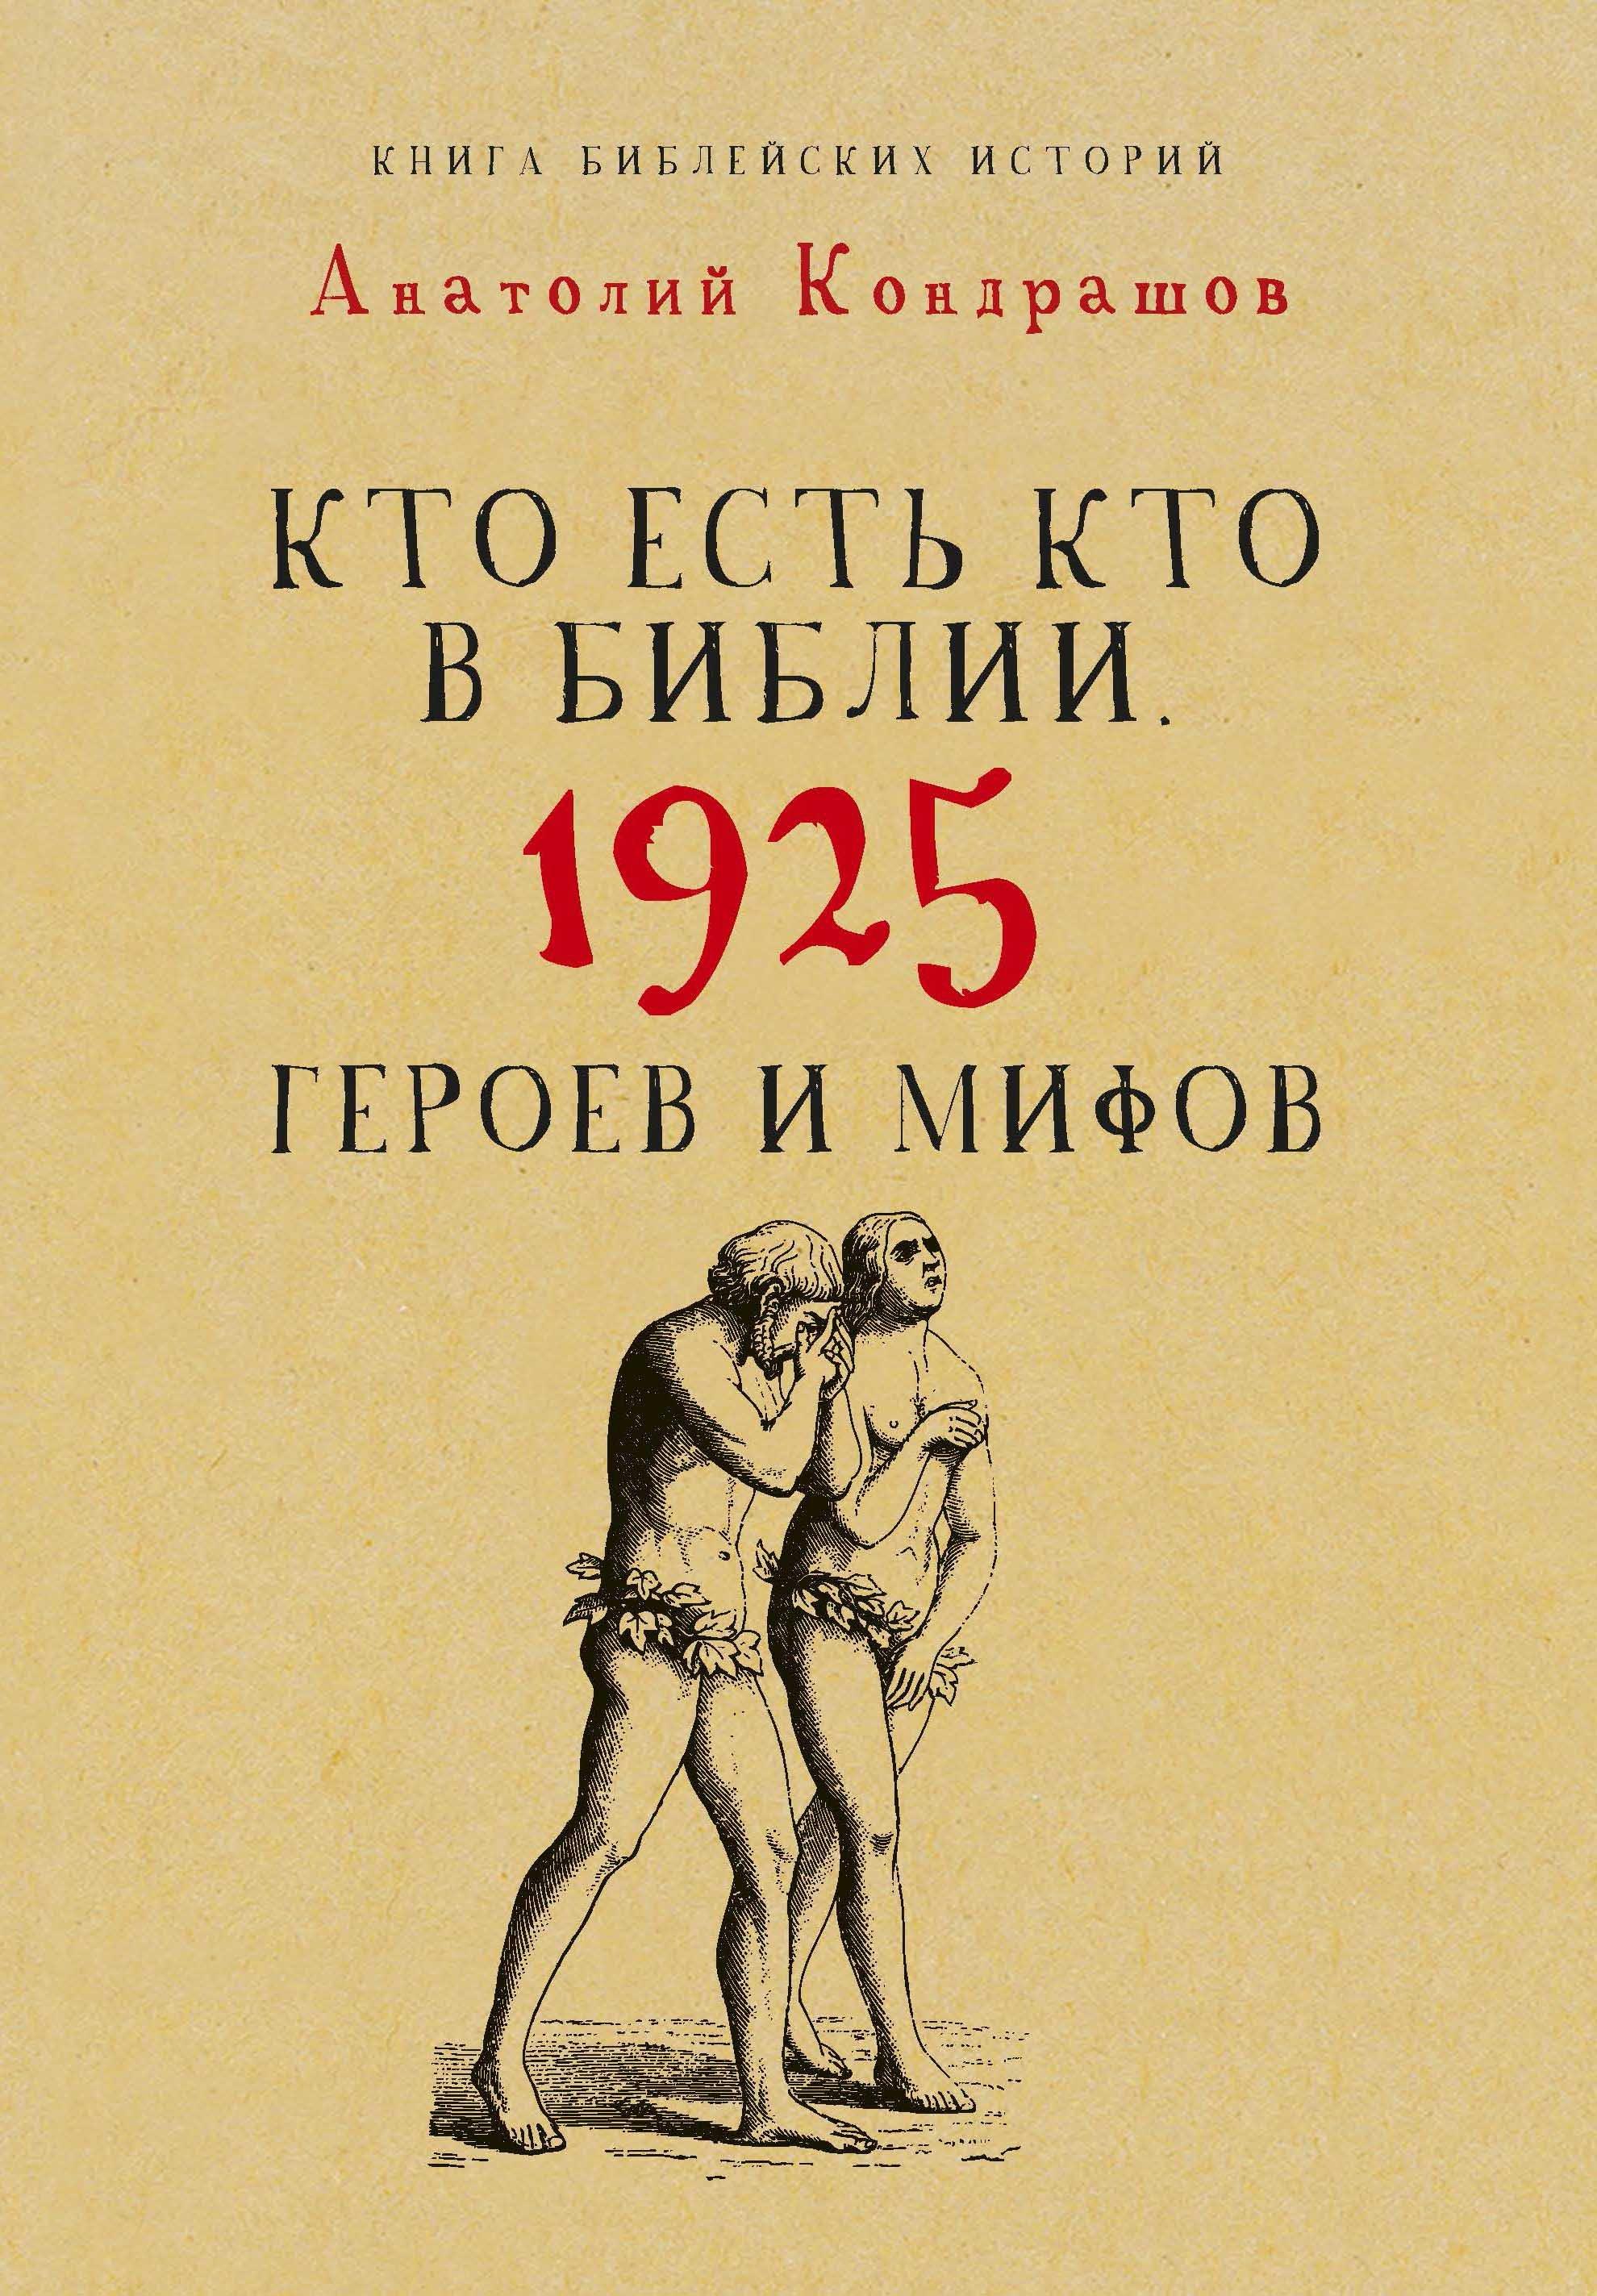 Кондрашов А. Кто есть кто в Библии. 1925 героев и мифов. Кондрашов А. азимов айзек путеводитель по библии ветхий завет